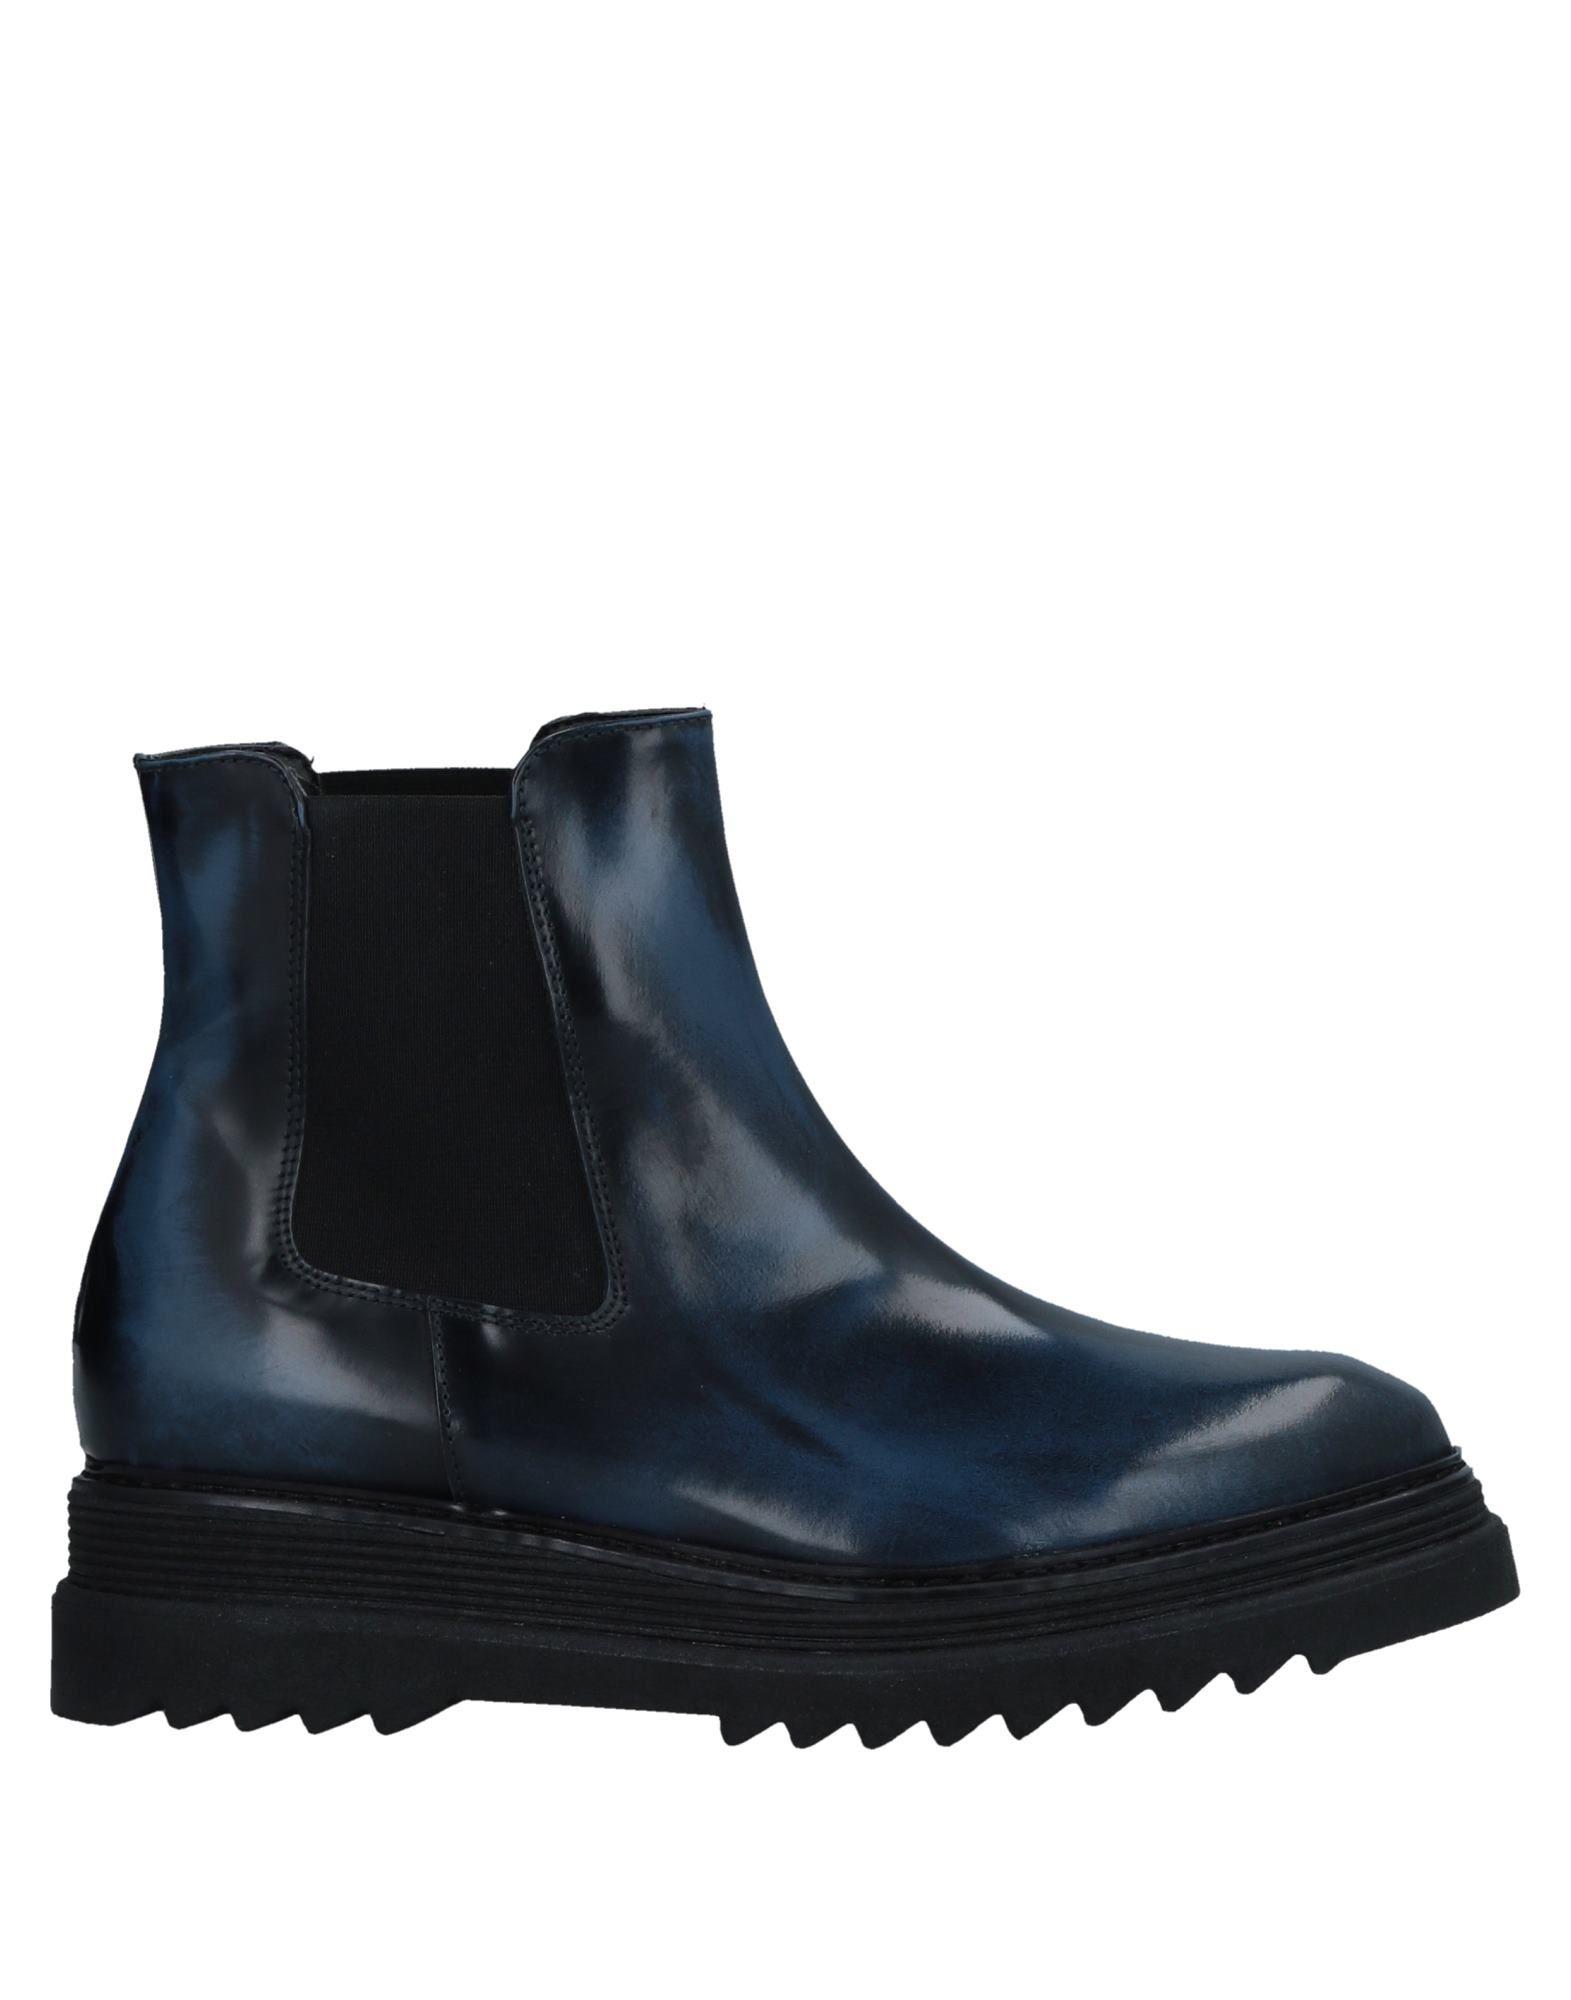 Eliana Bucci Ankle Boot - Women Women - Eliana Bucci Ankle Boots online on  Canada - 11532622OG 1089f4